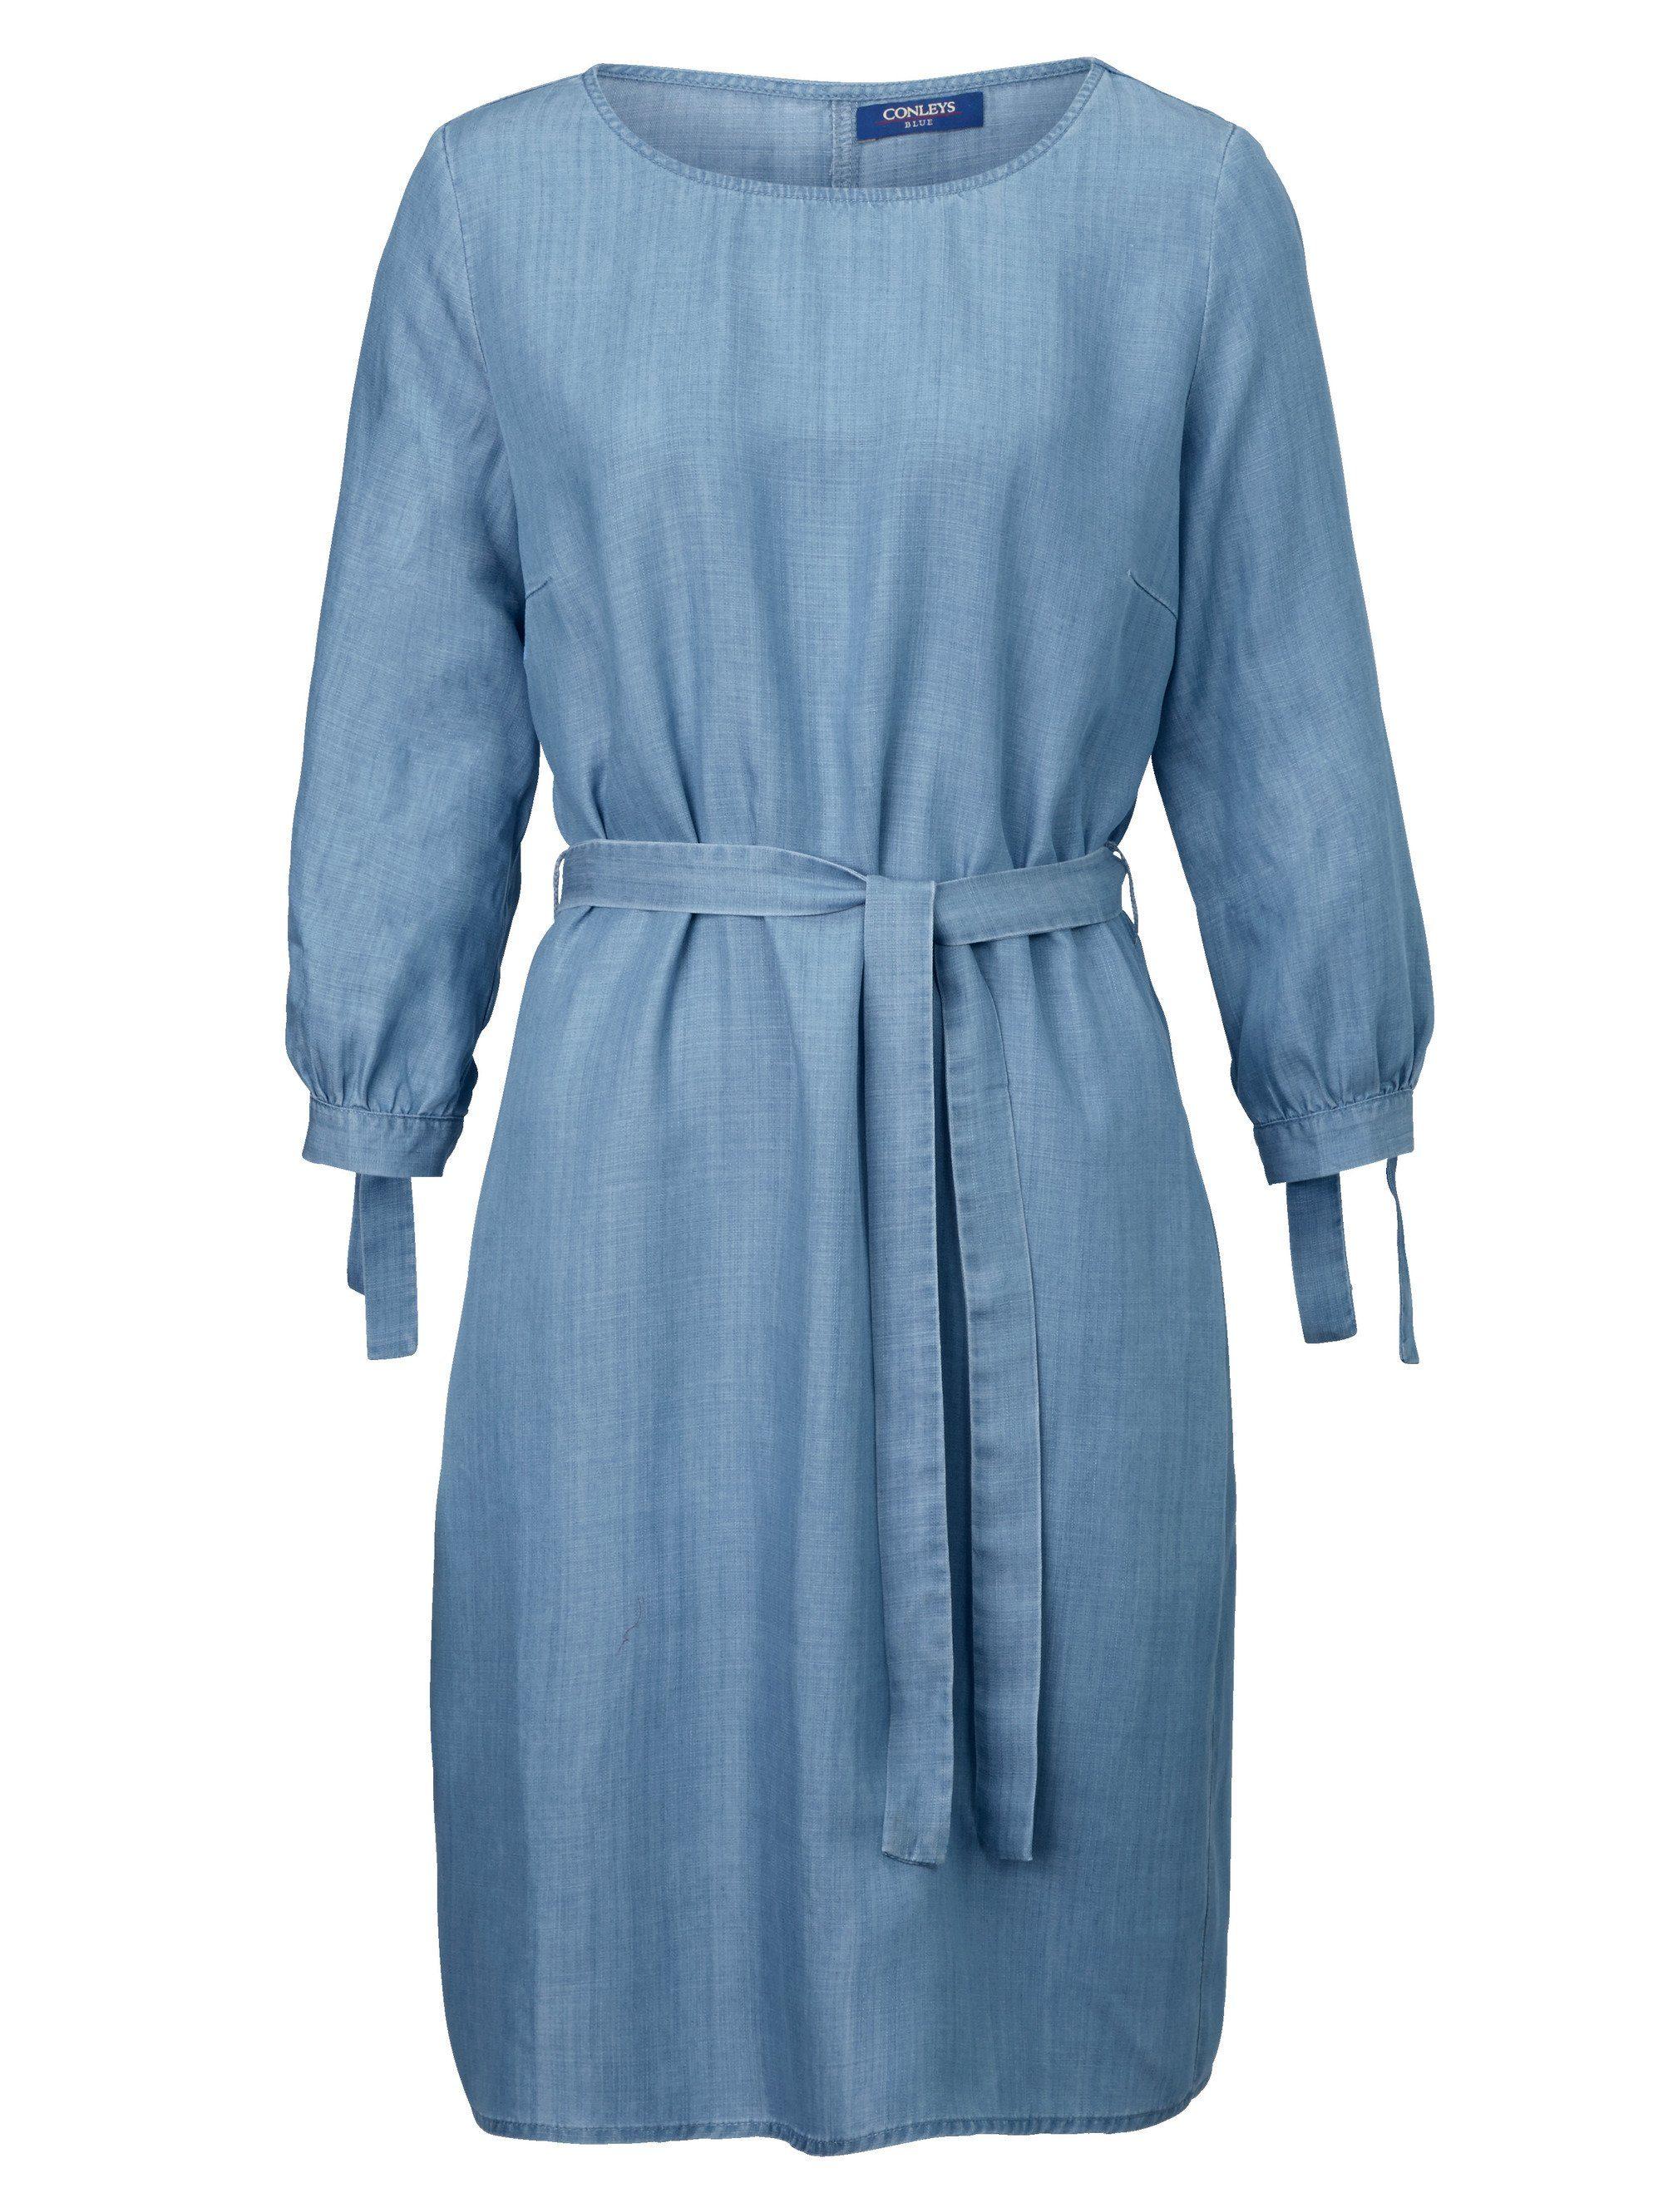 Conleys Blue Denimkleid mit Bindedetail